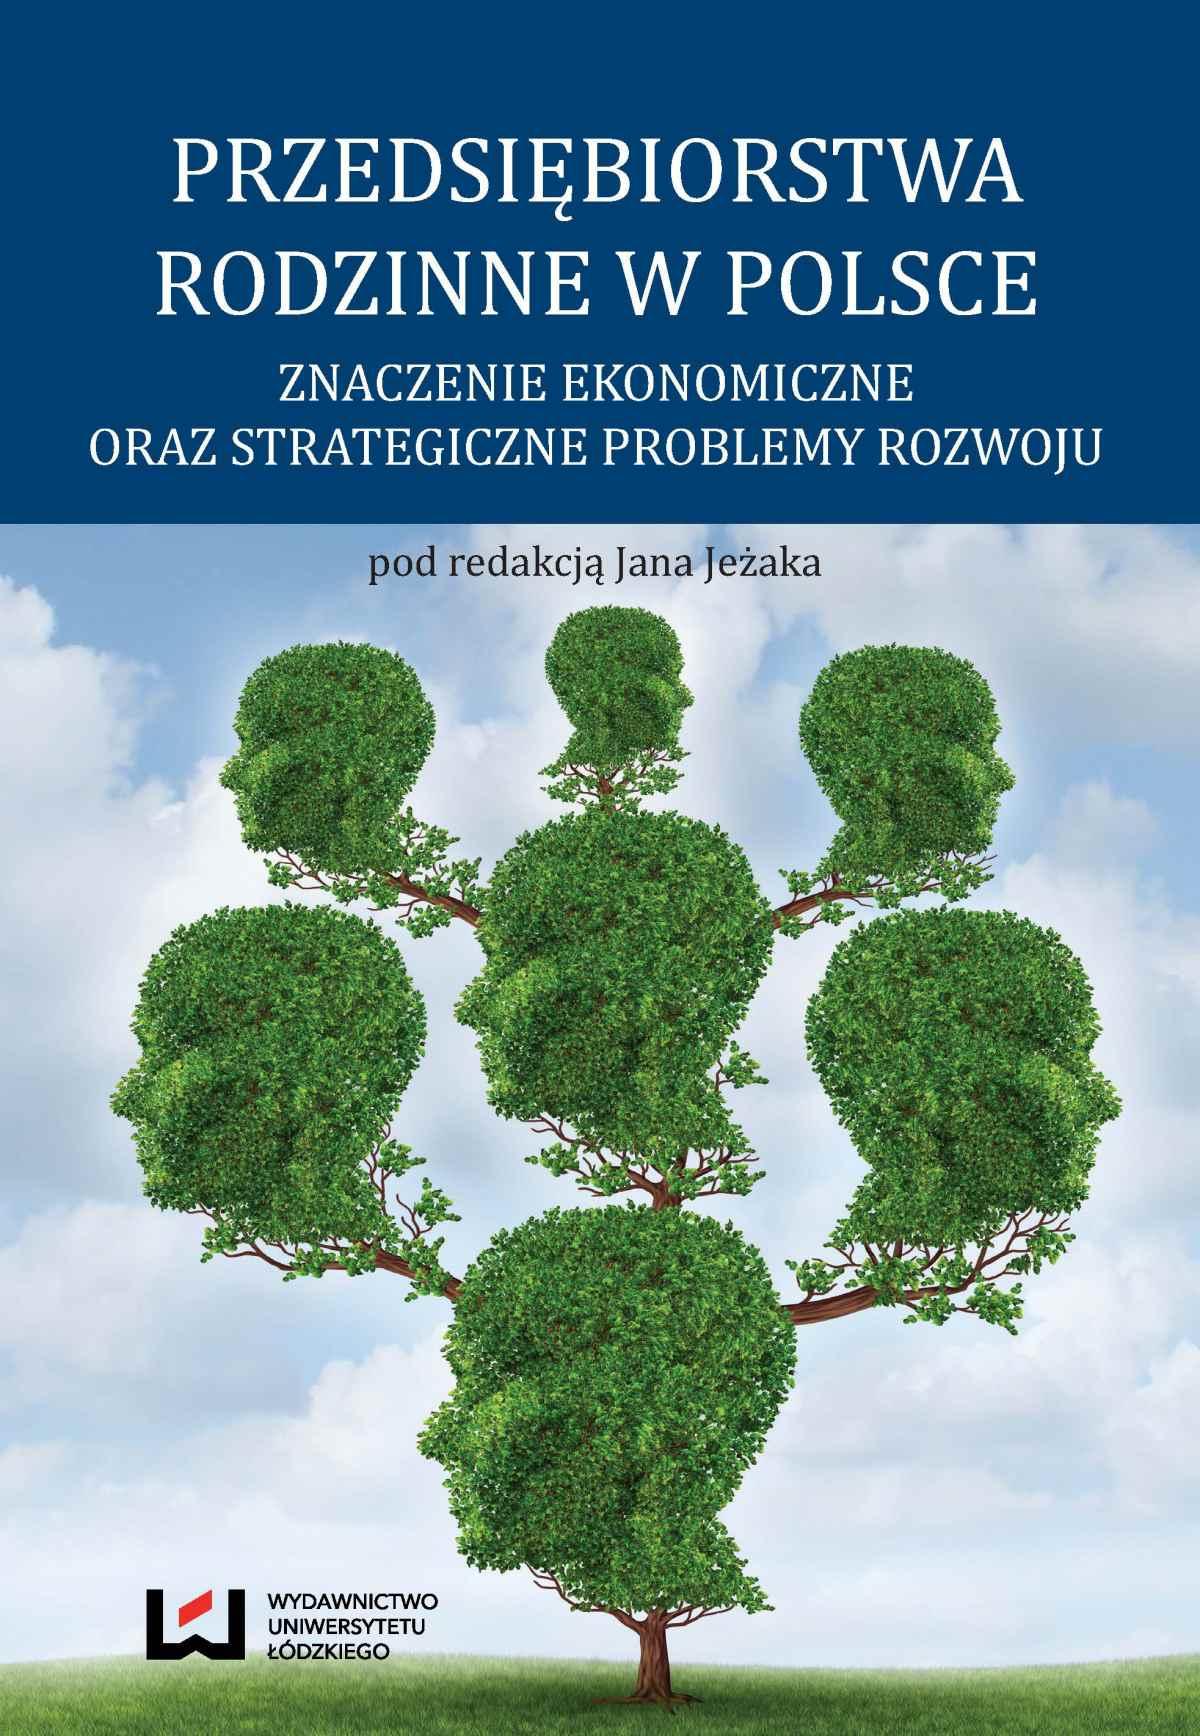 Przedsiębiorstwa rodzinne w Polsce. Znaczenie ekonomiczne oraz strategiczne problemy rozwoju - Ebook (Książka PDF) do pobrania w formacie PDF